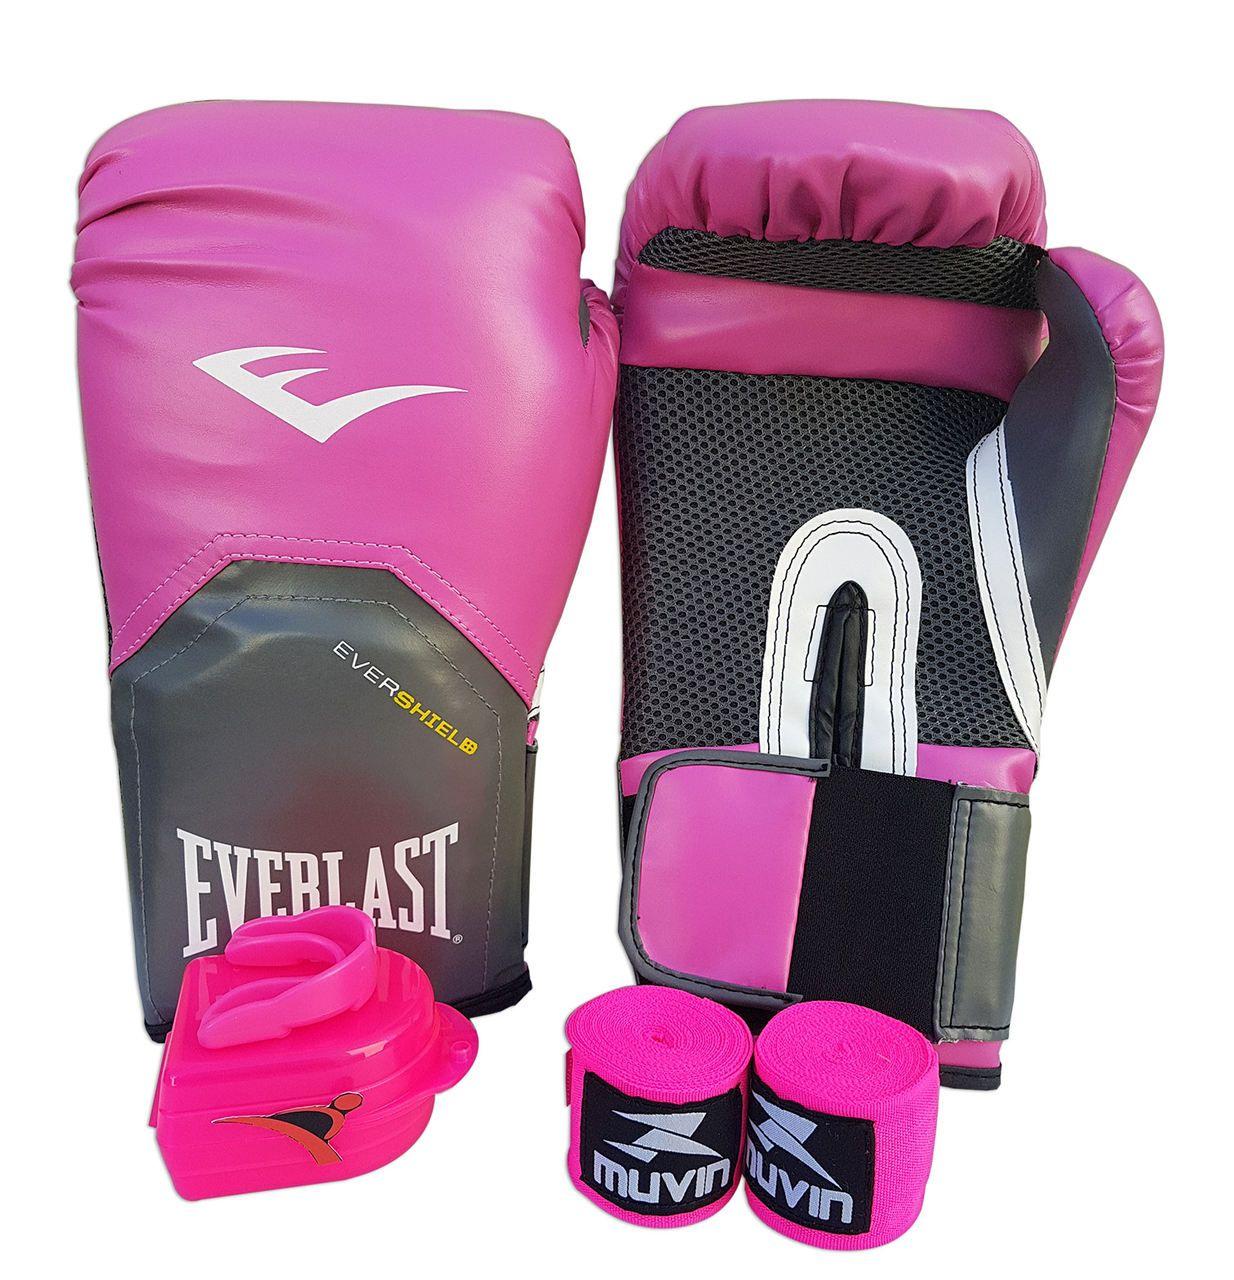 Kit de Boxe / Muay Thai Feminino 08oz - Rosa - Pro Style - Everlast  - PRALUTA SHOP